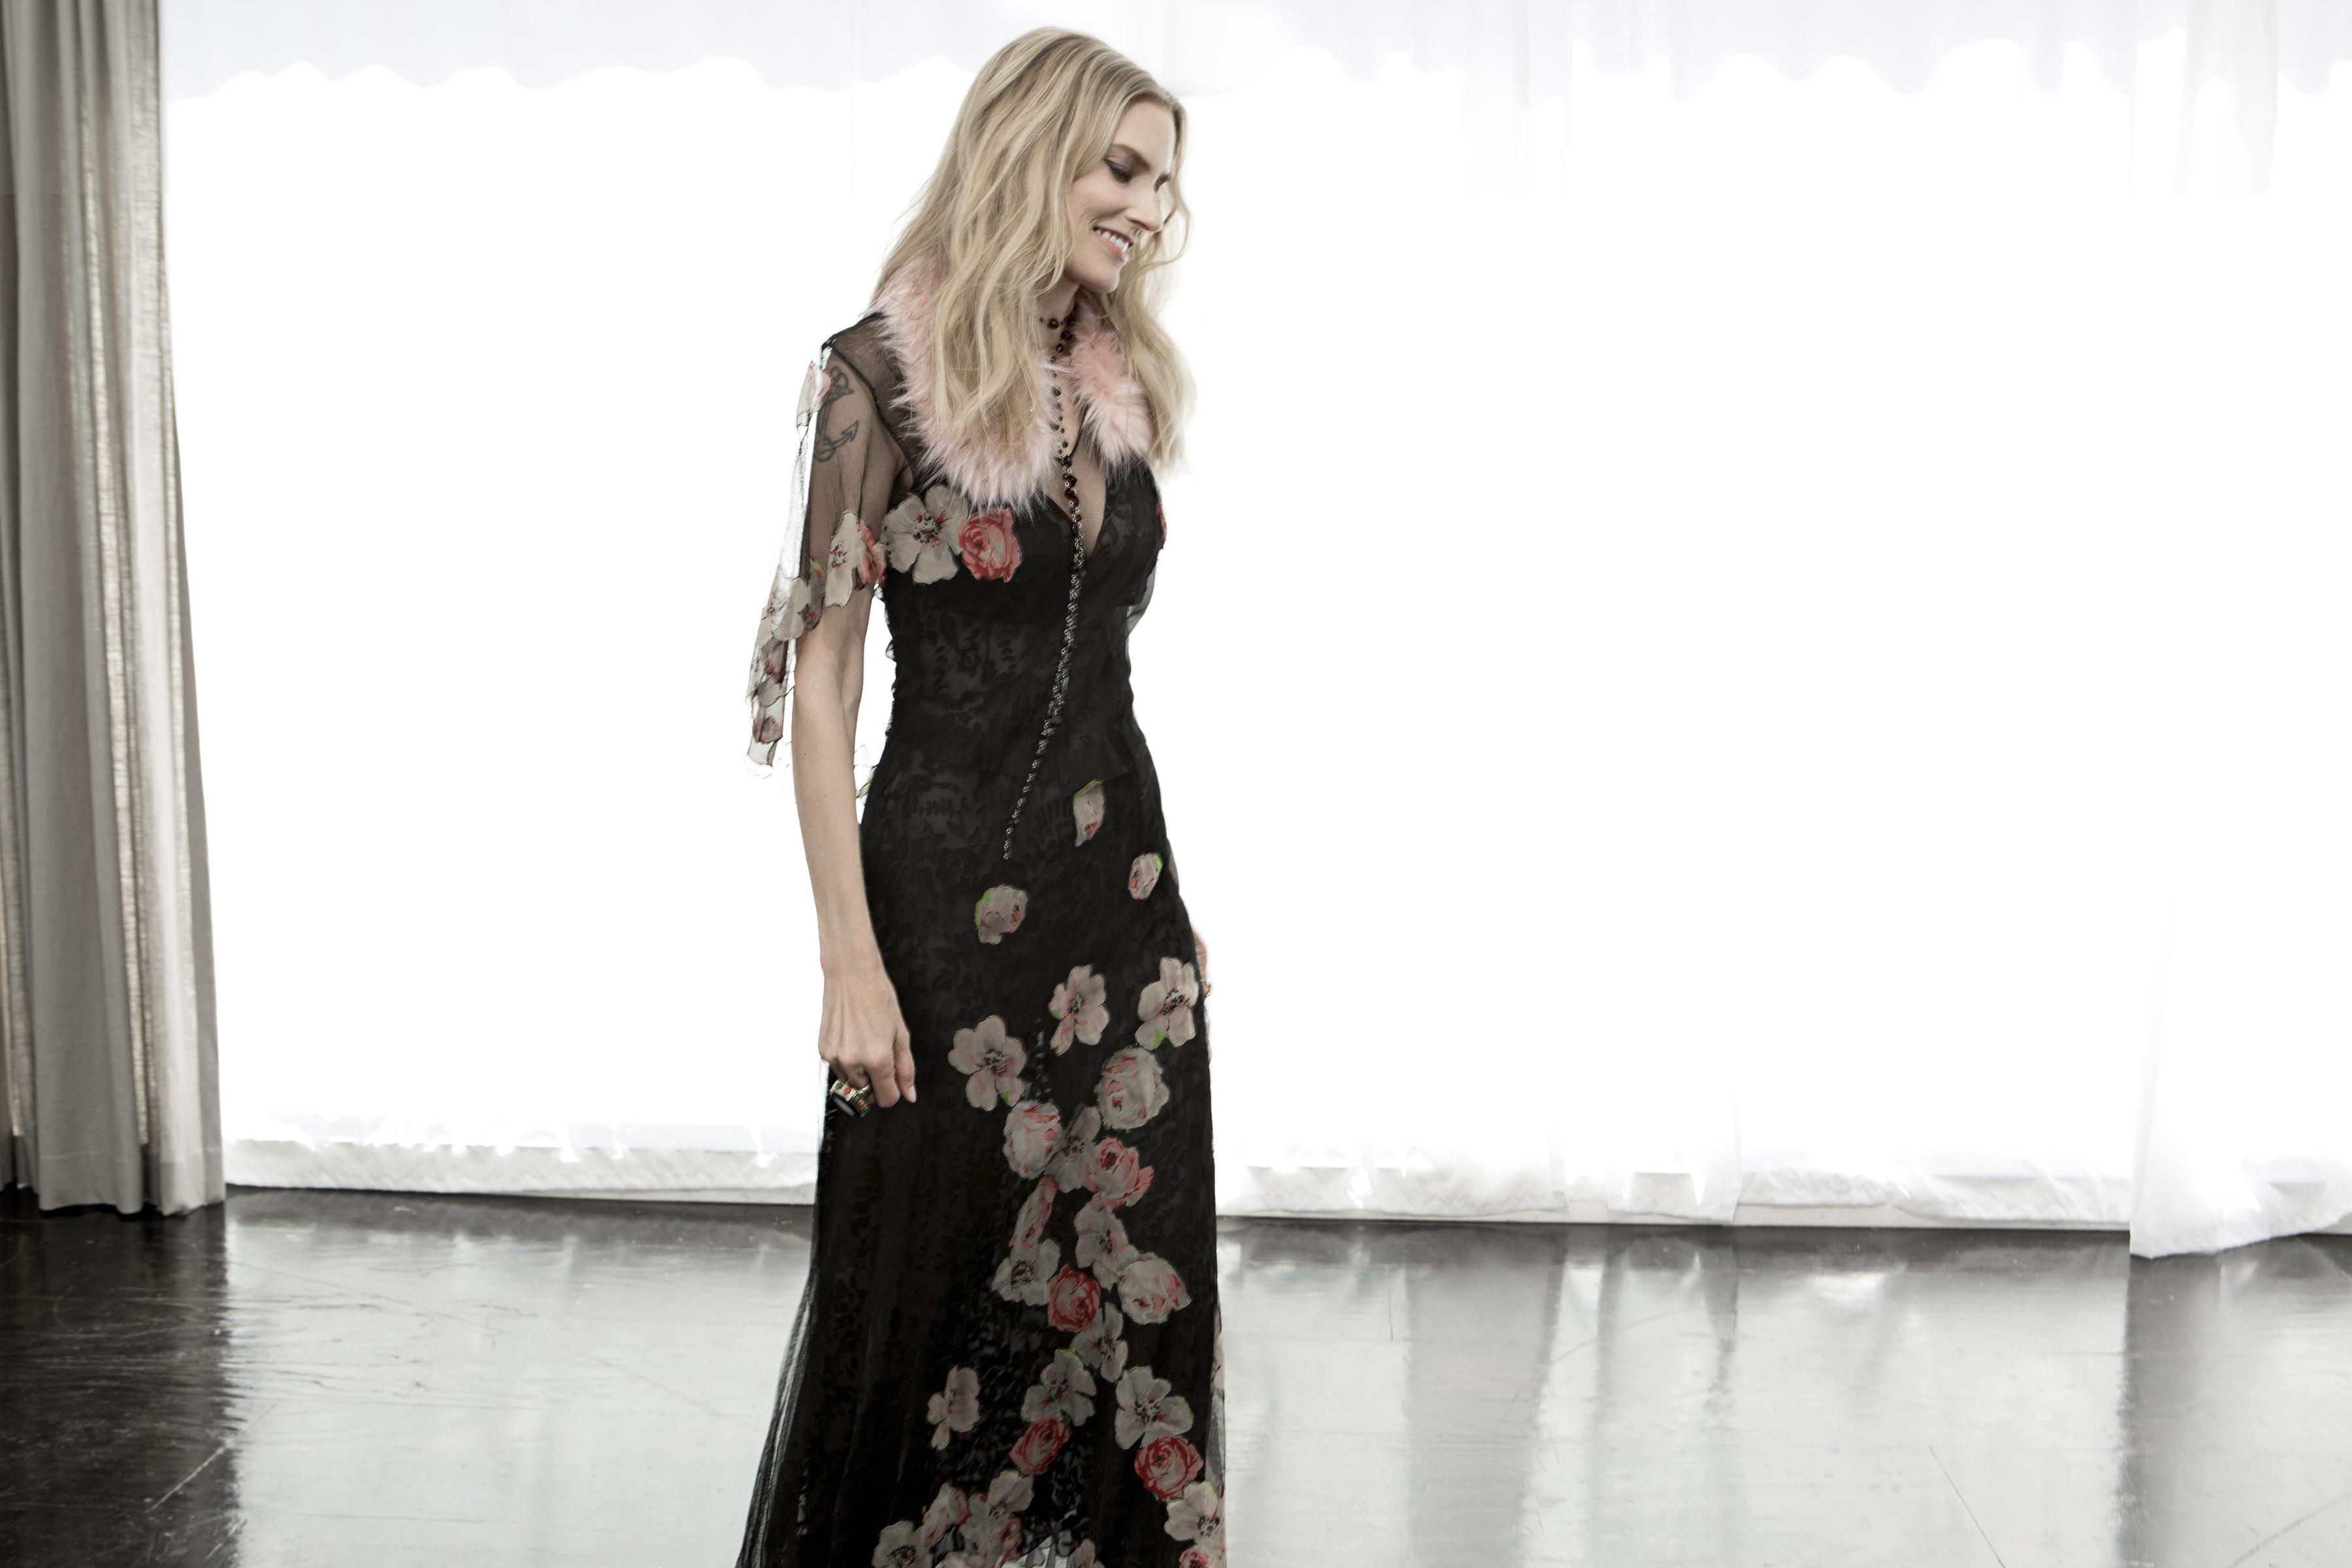 aimee mann The Simple Fix: Aimee Mann on Laughing Through Melancholy